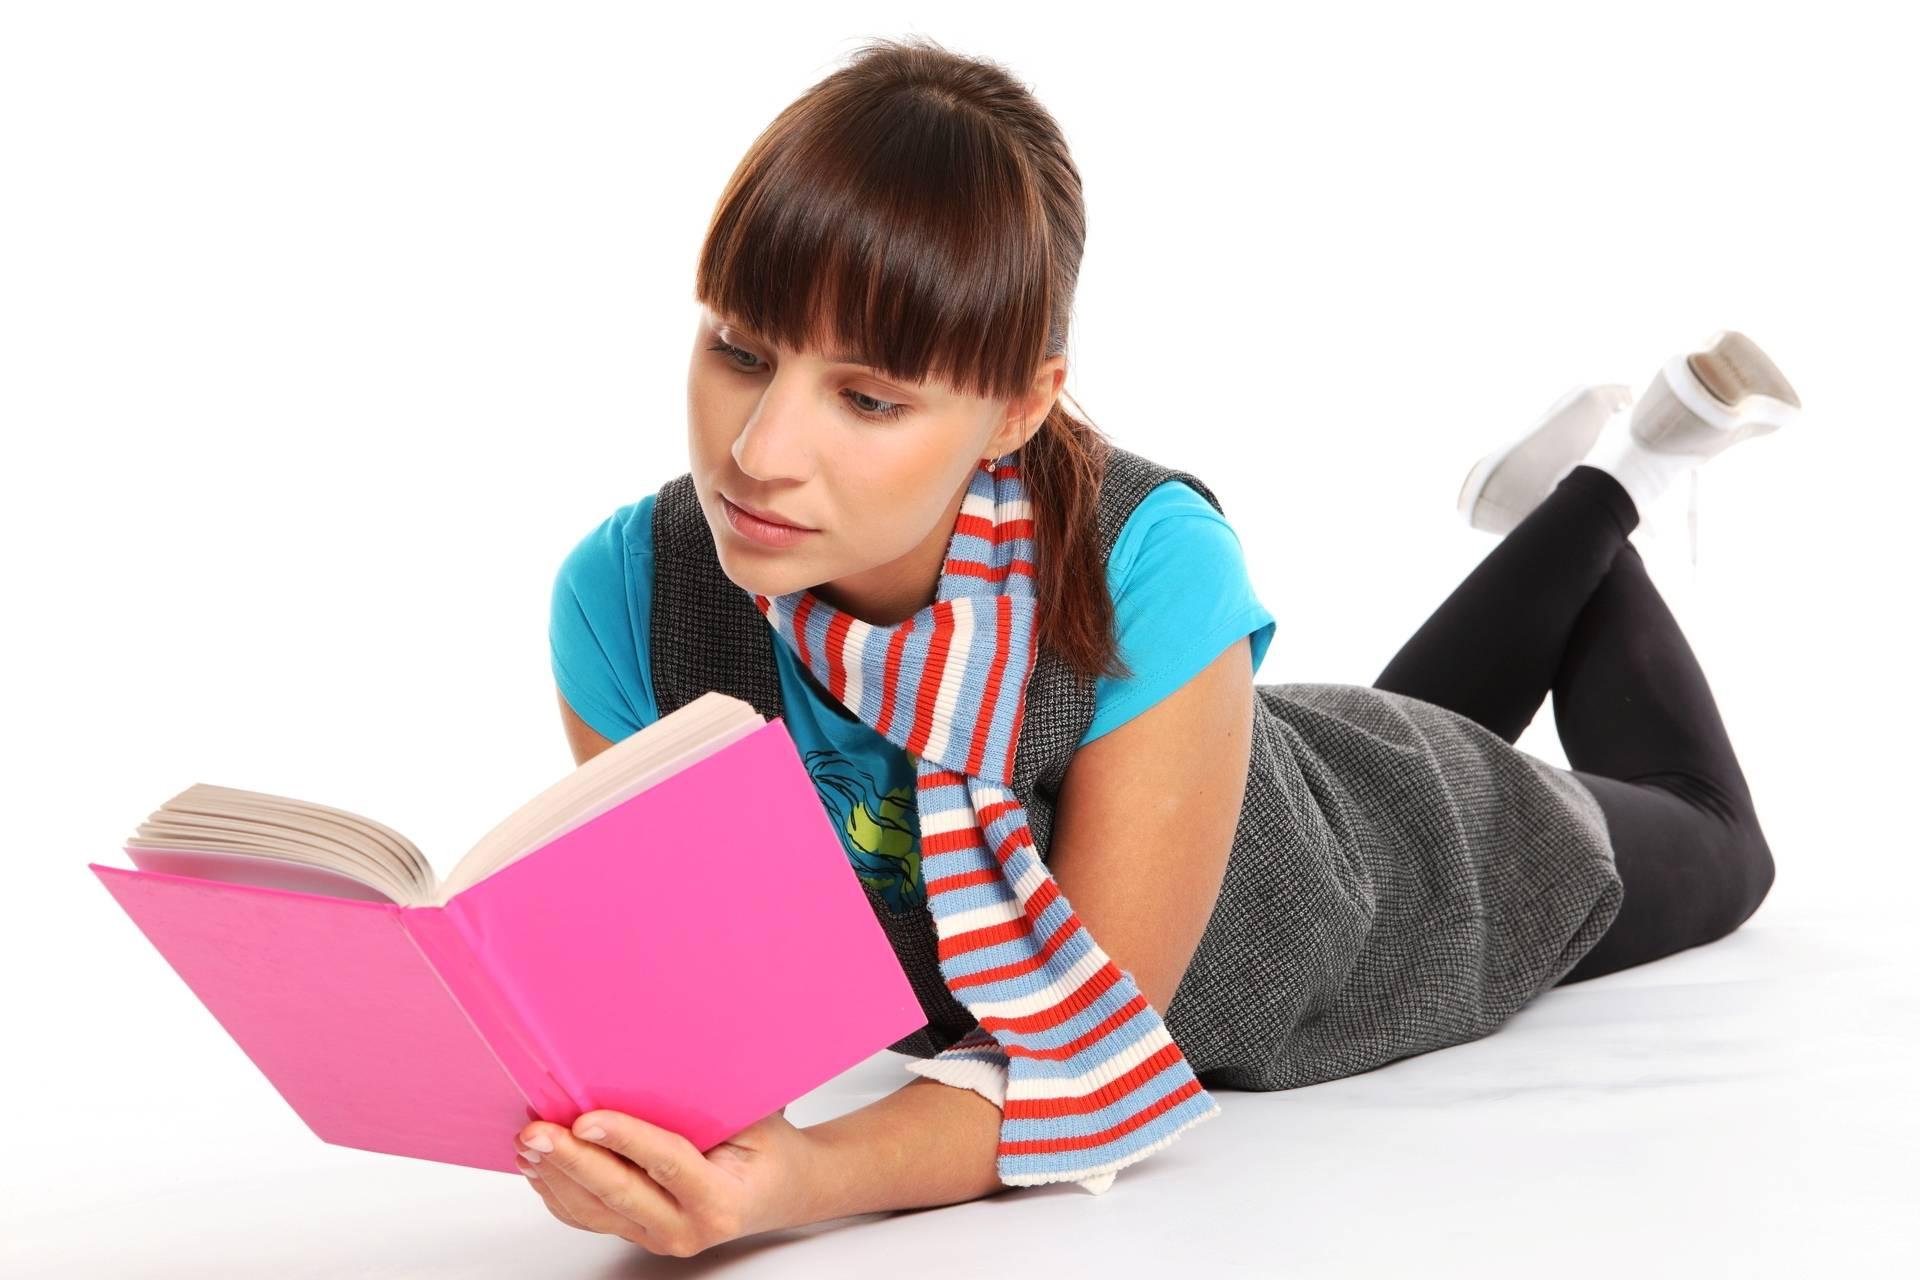 Занятия для мальчиков - как выбрать интересное хобби?